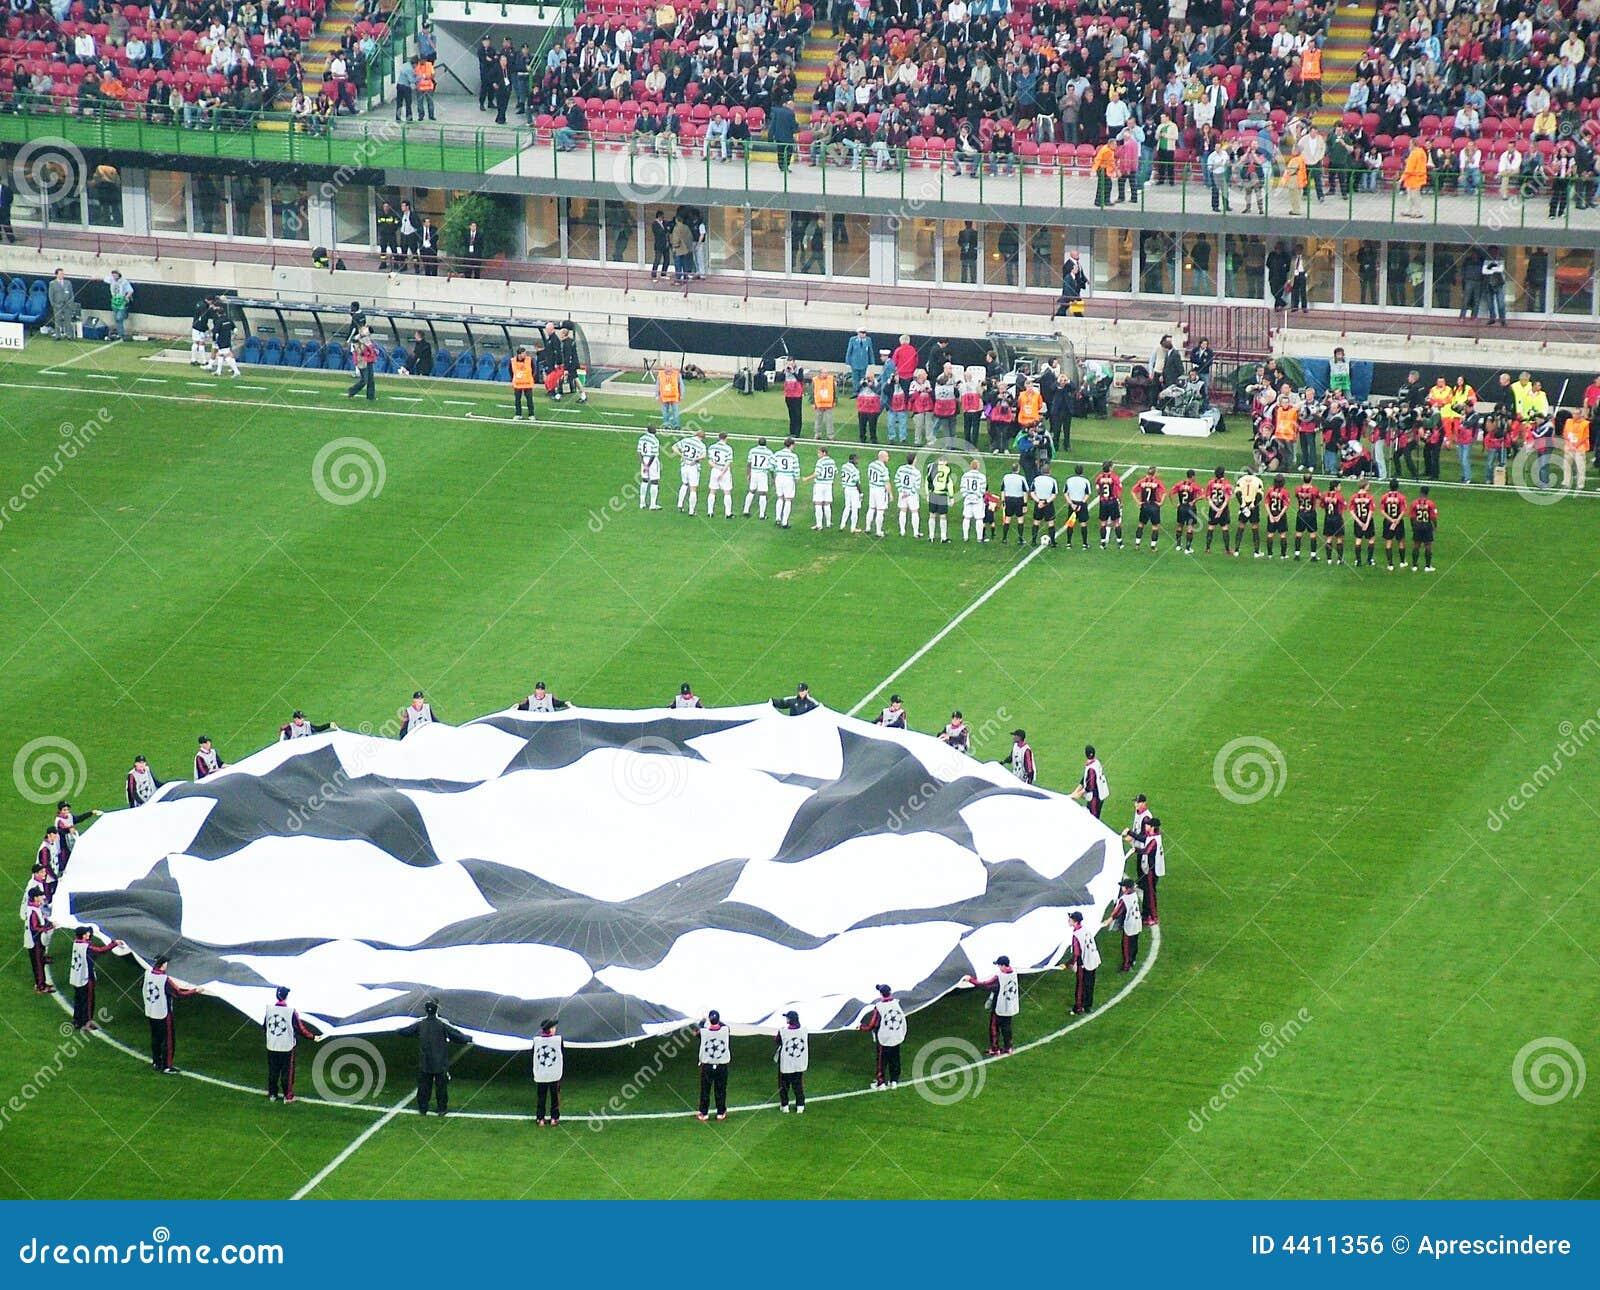 The teams presentation